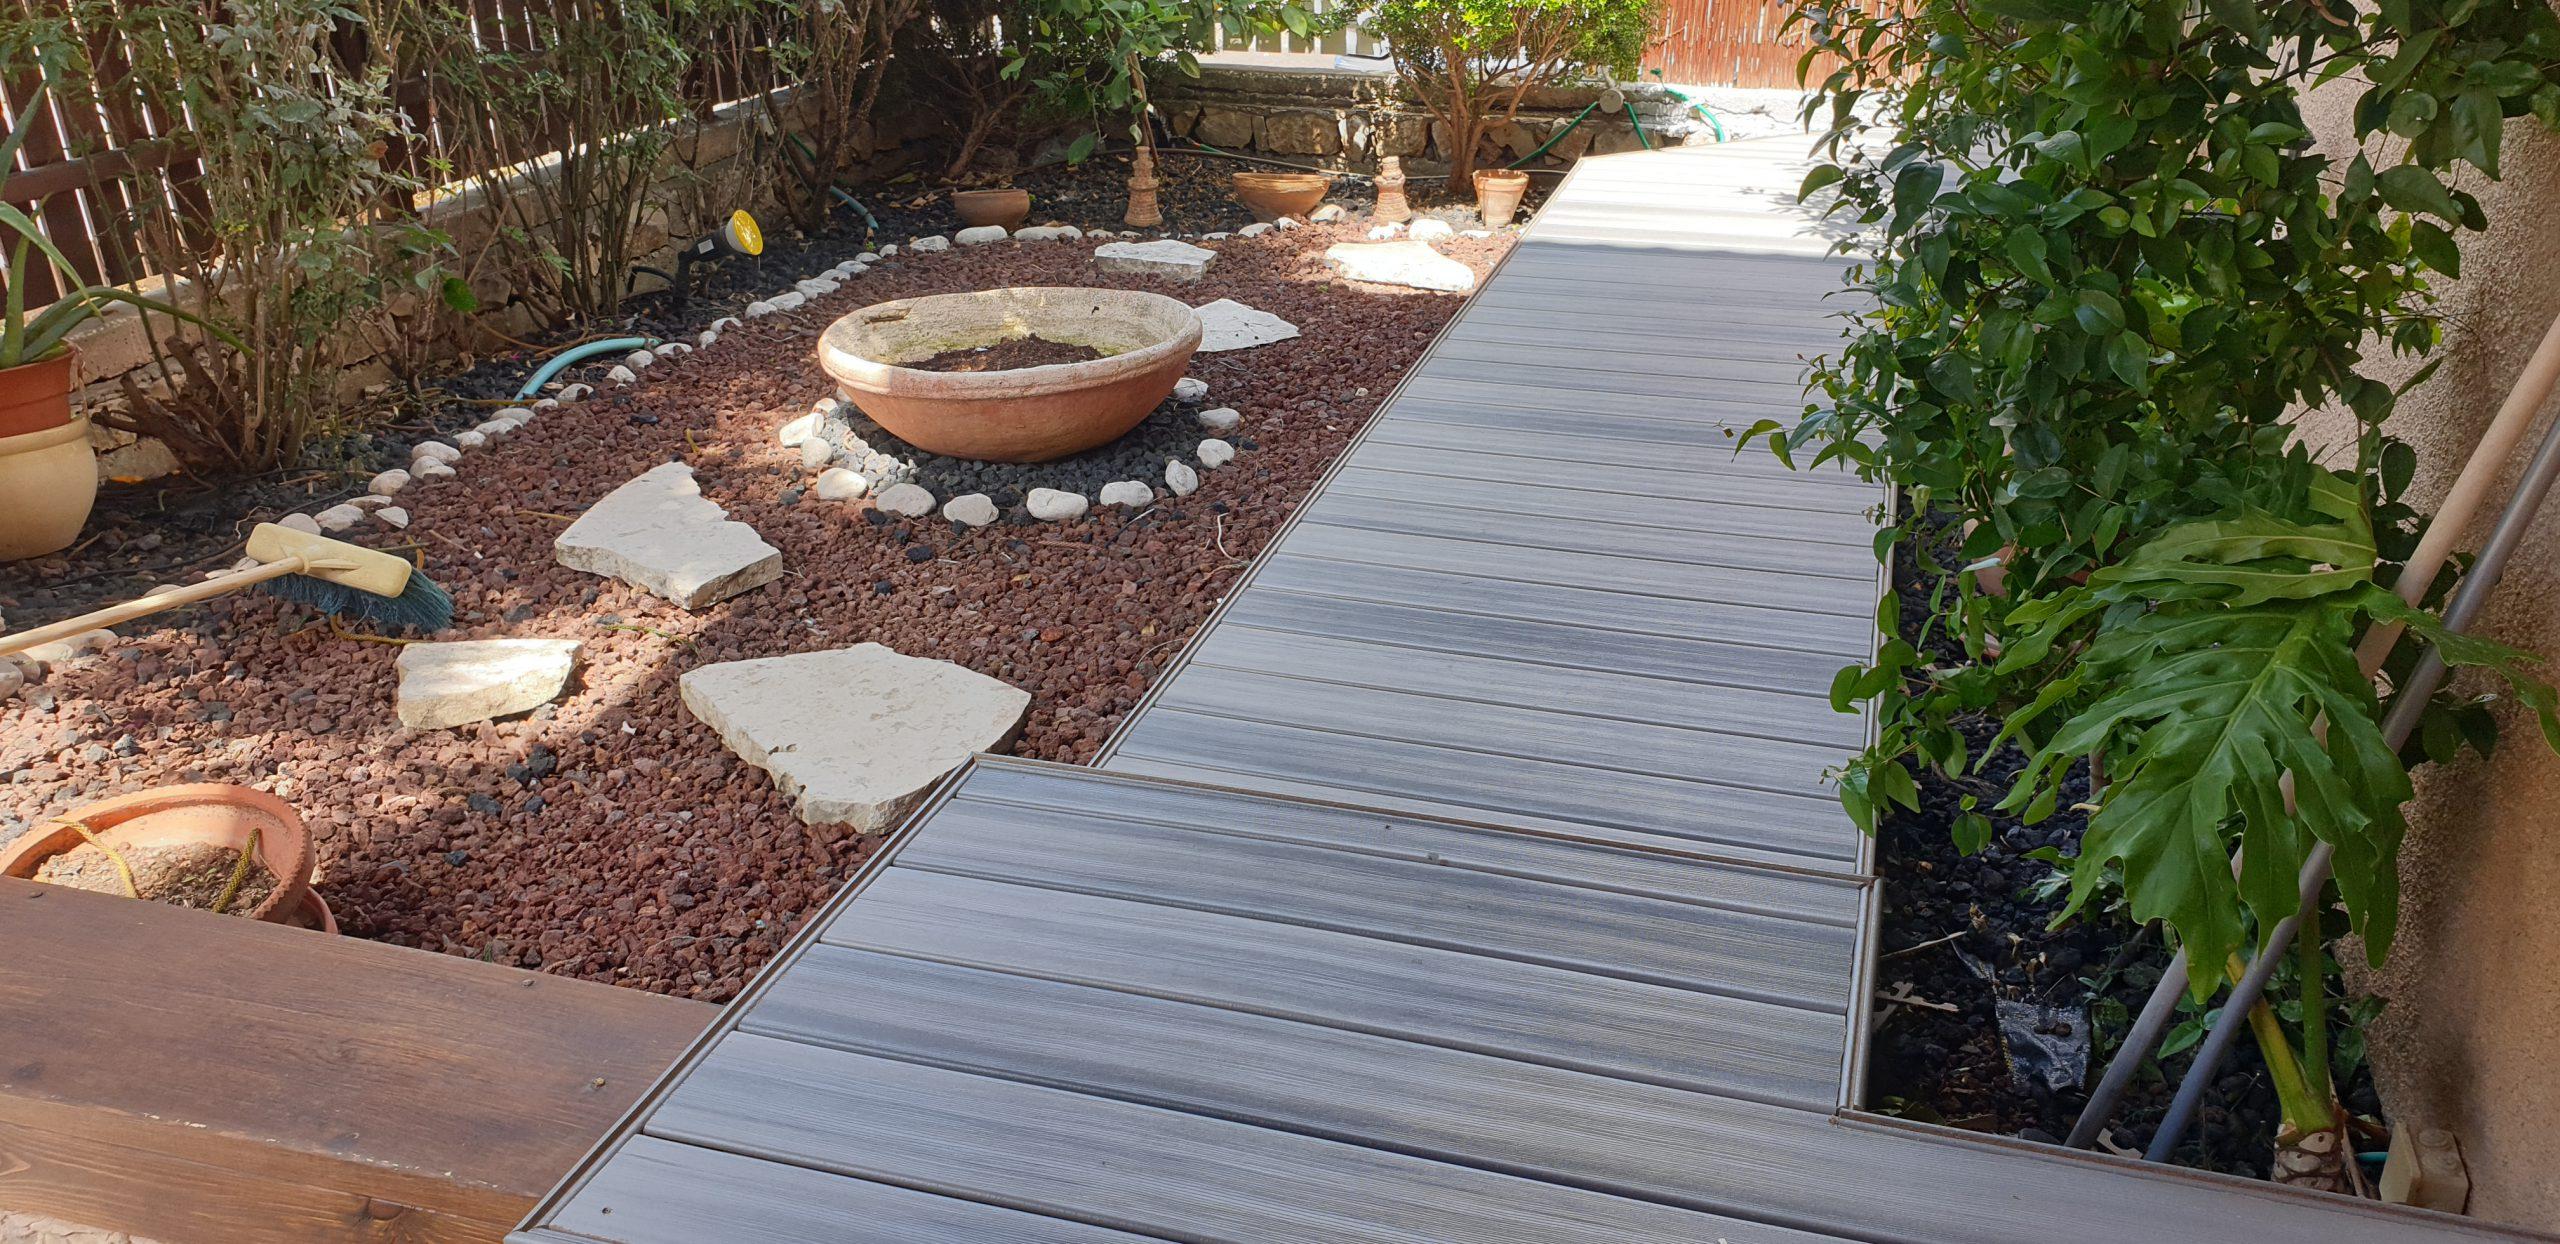 דק סינטטי בגינה ושביל